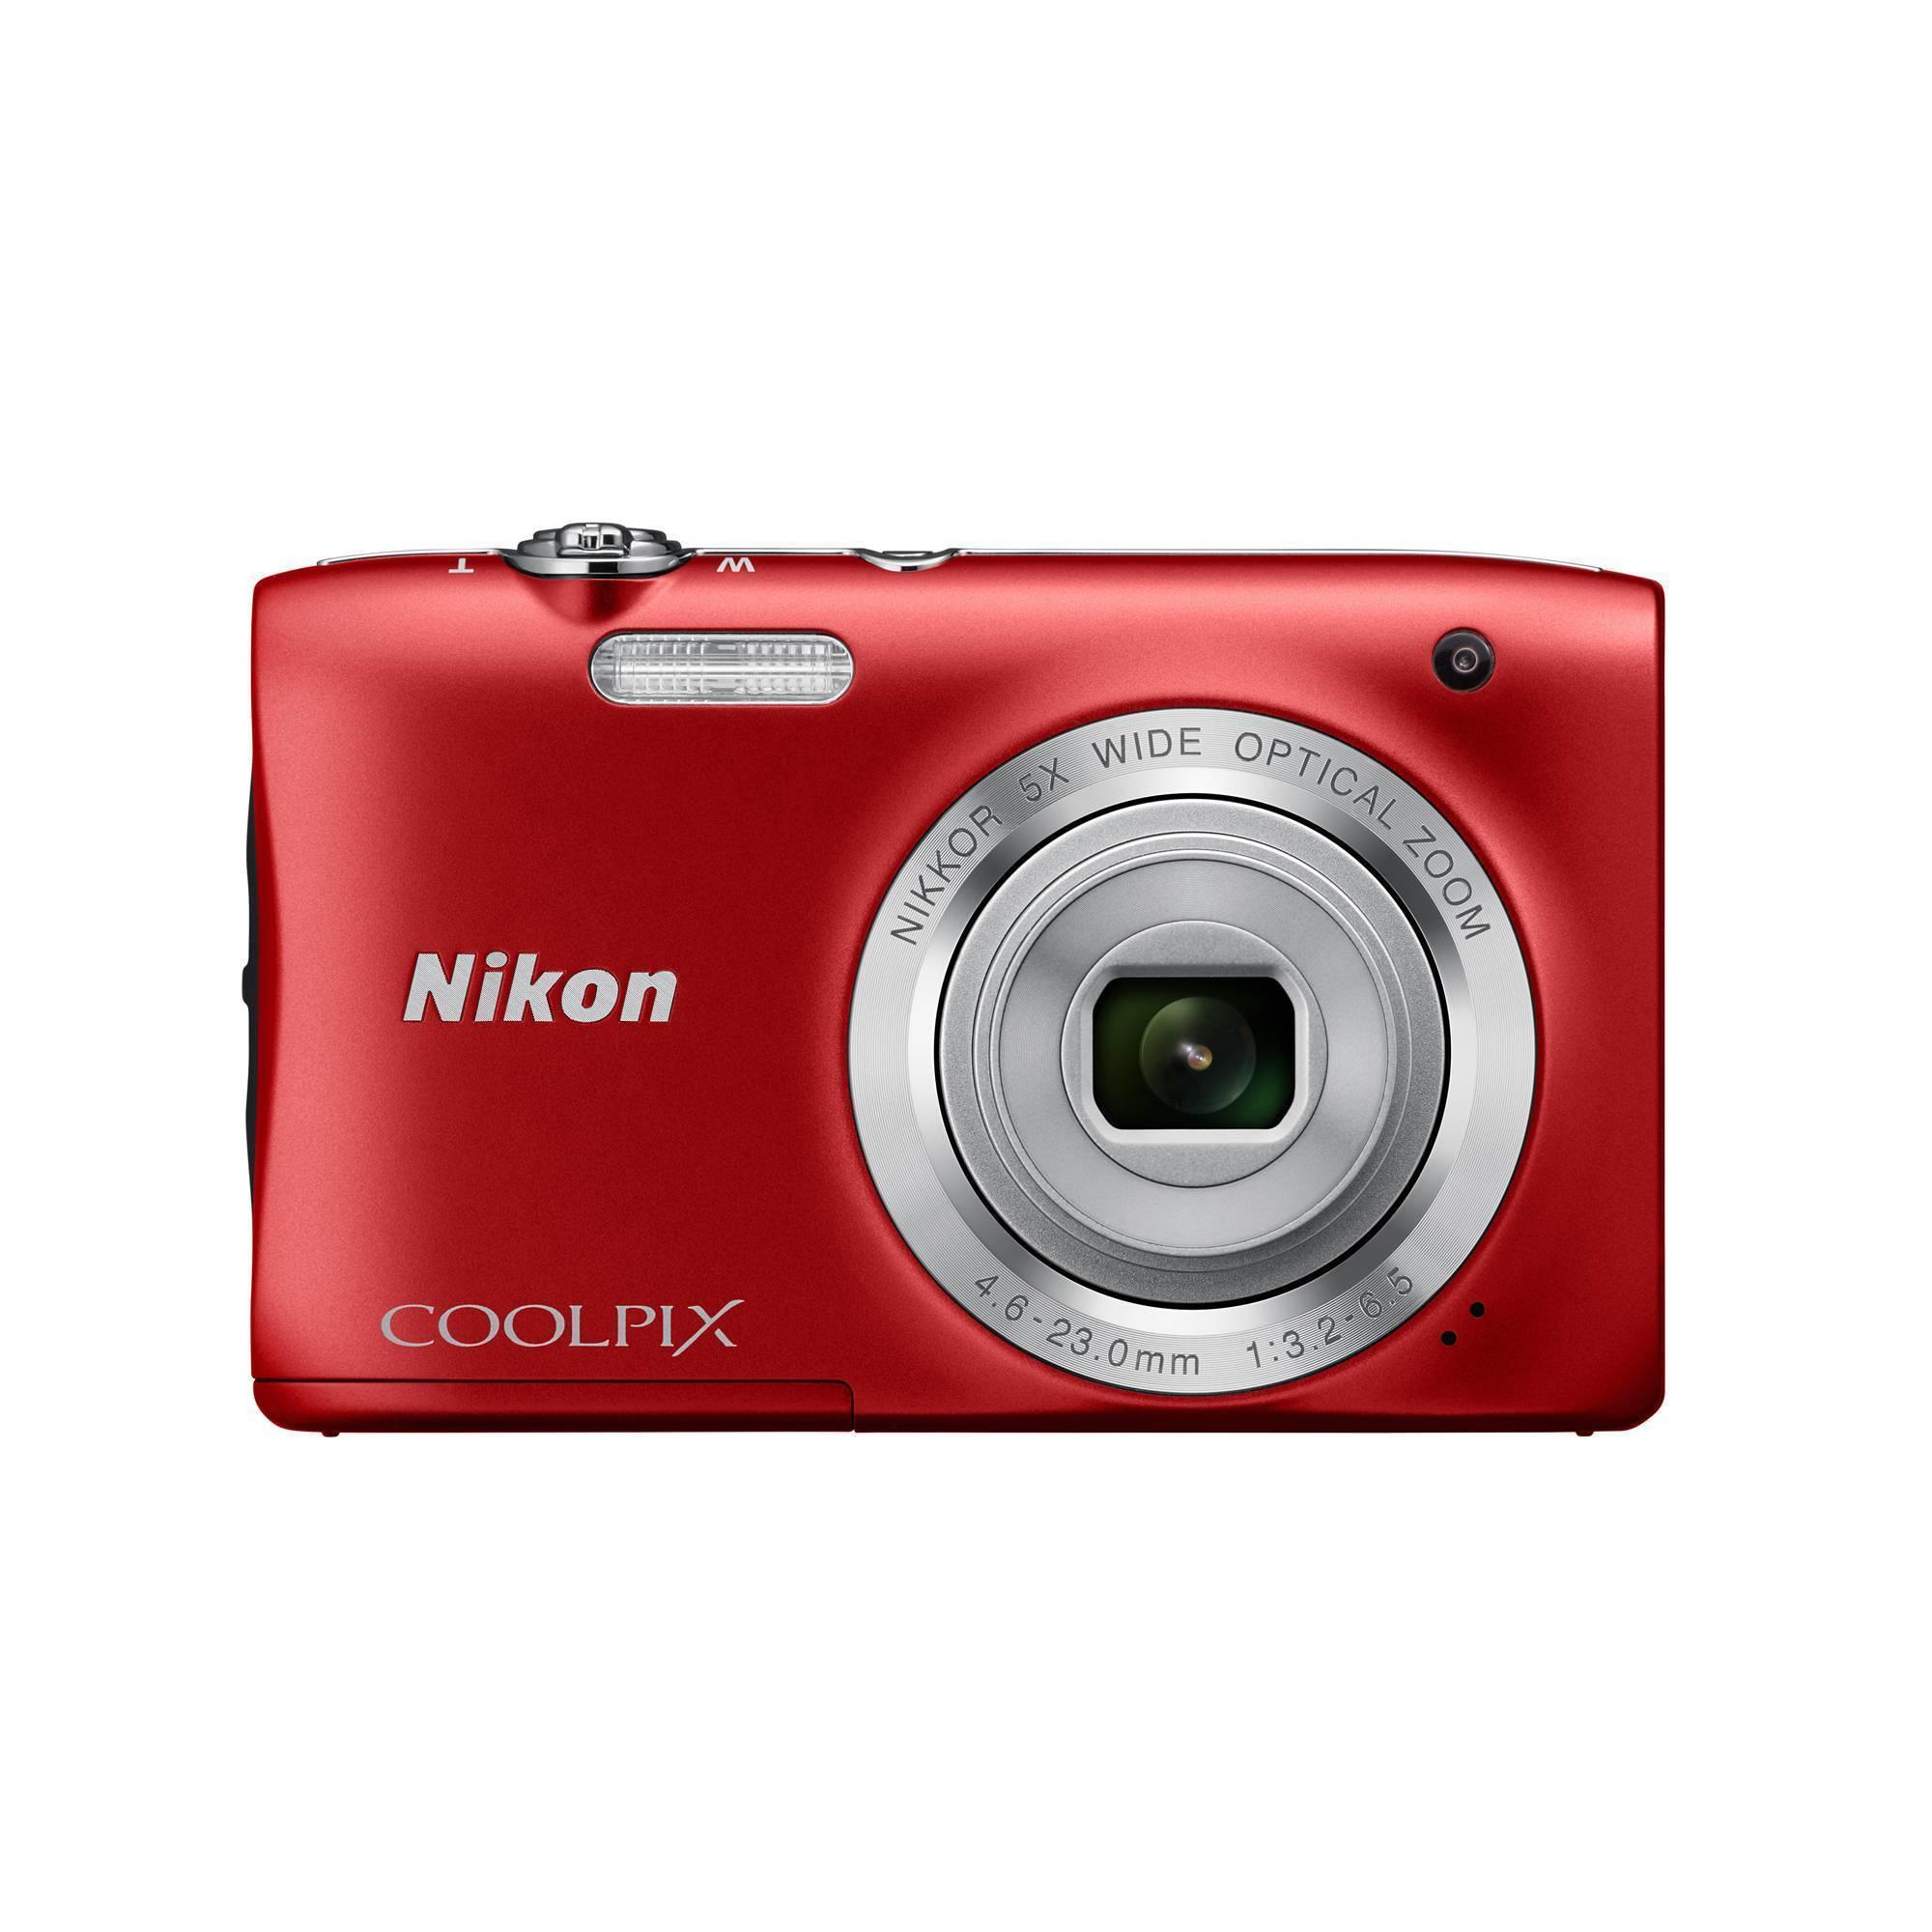 цифровой фотоаппарат никон кулпикс можете знать какая